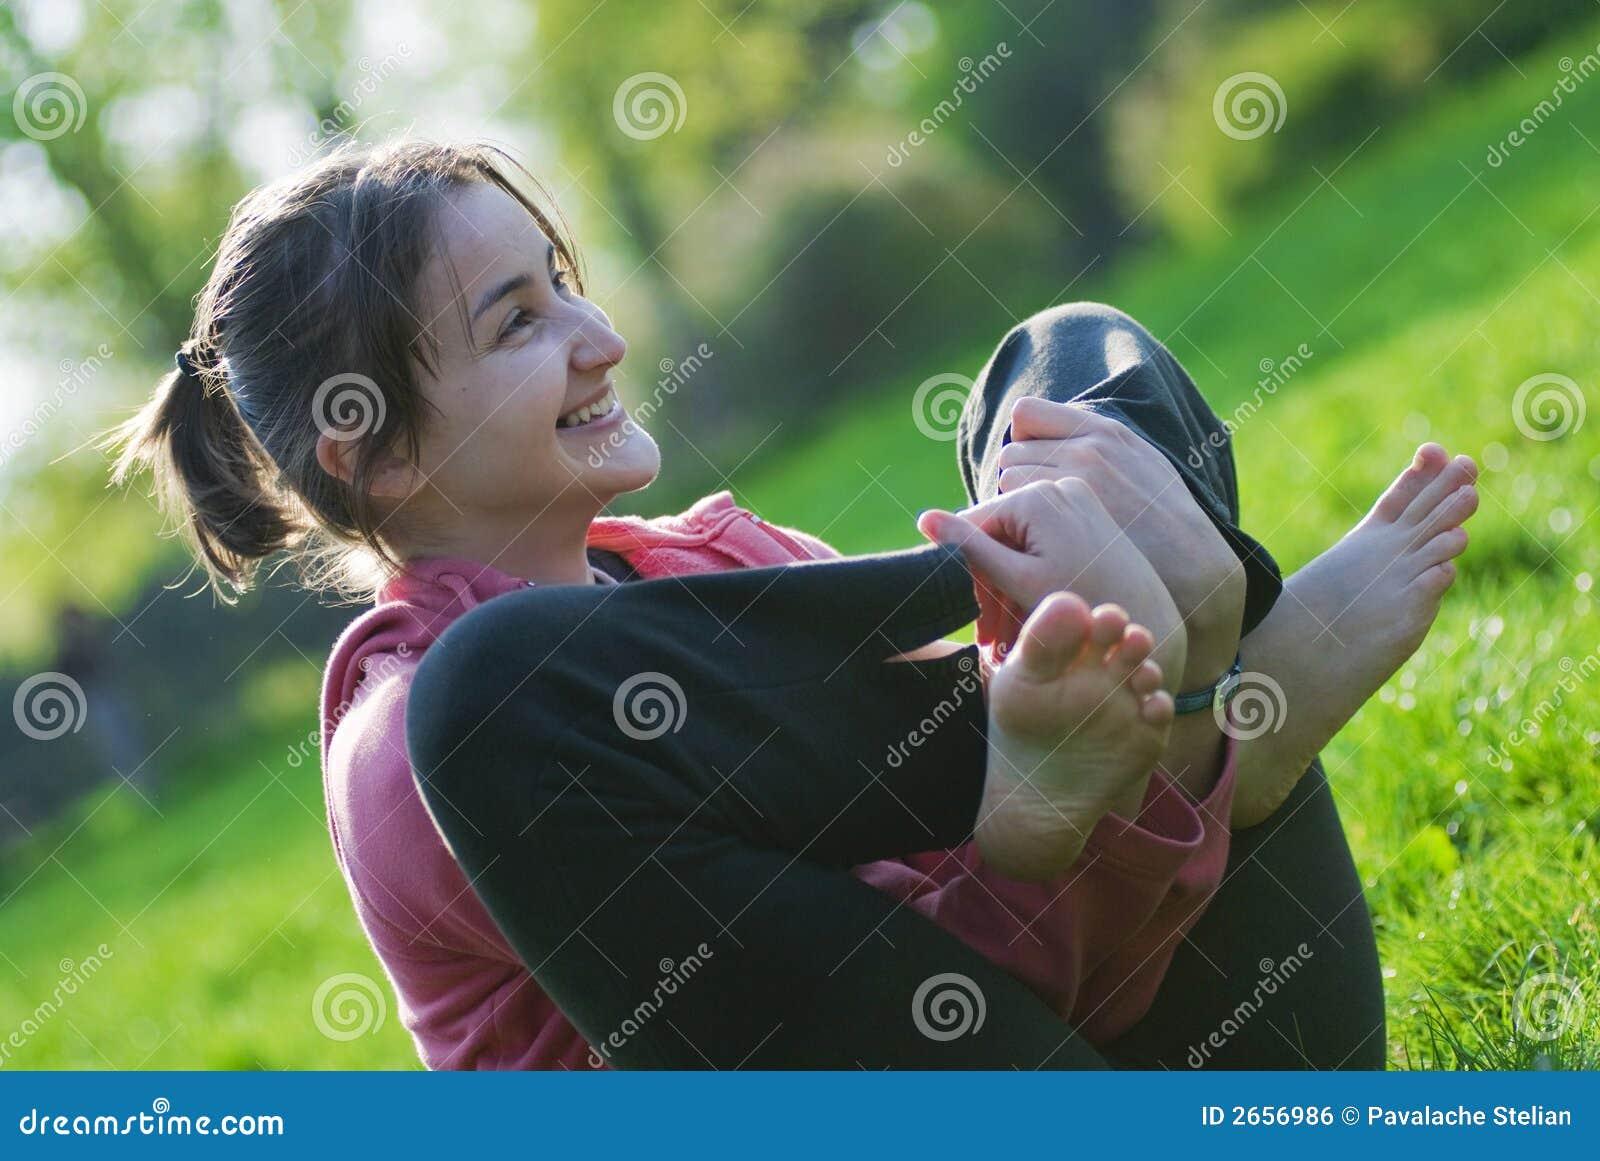 Risa en el parque